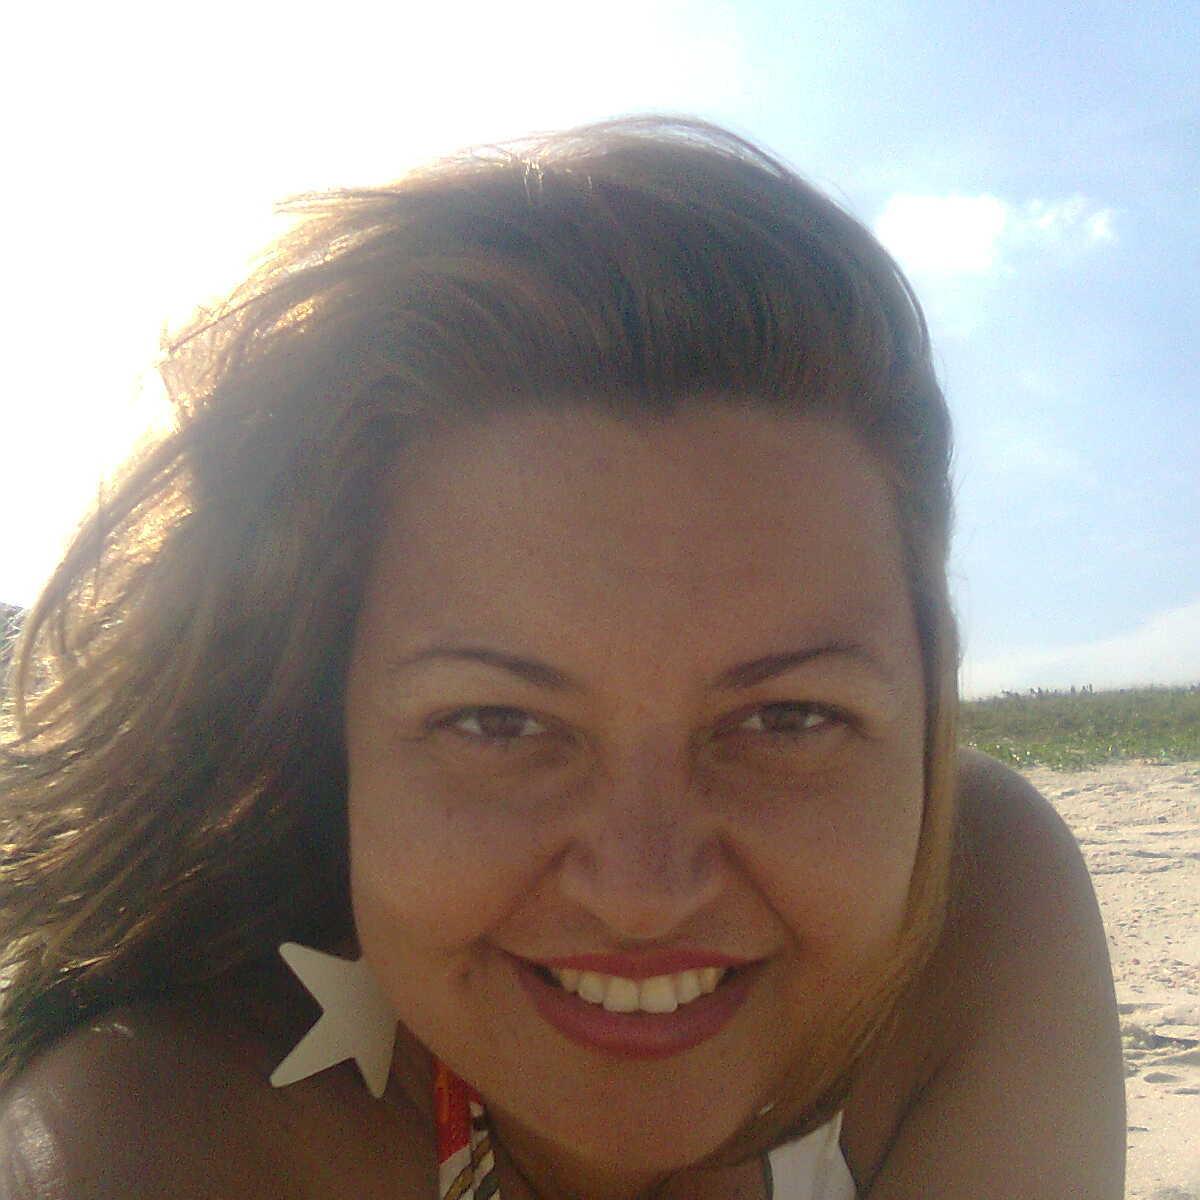 ALESSANDRA NICOLIELLO SOUZA